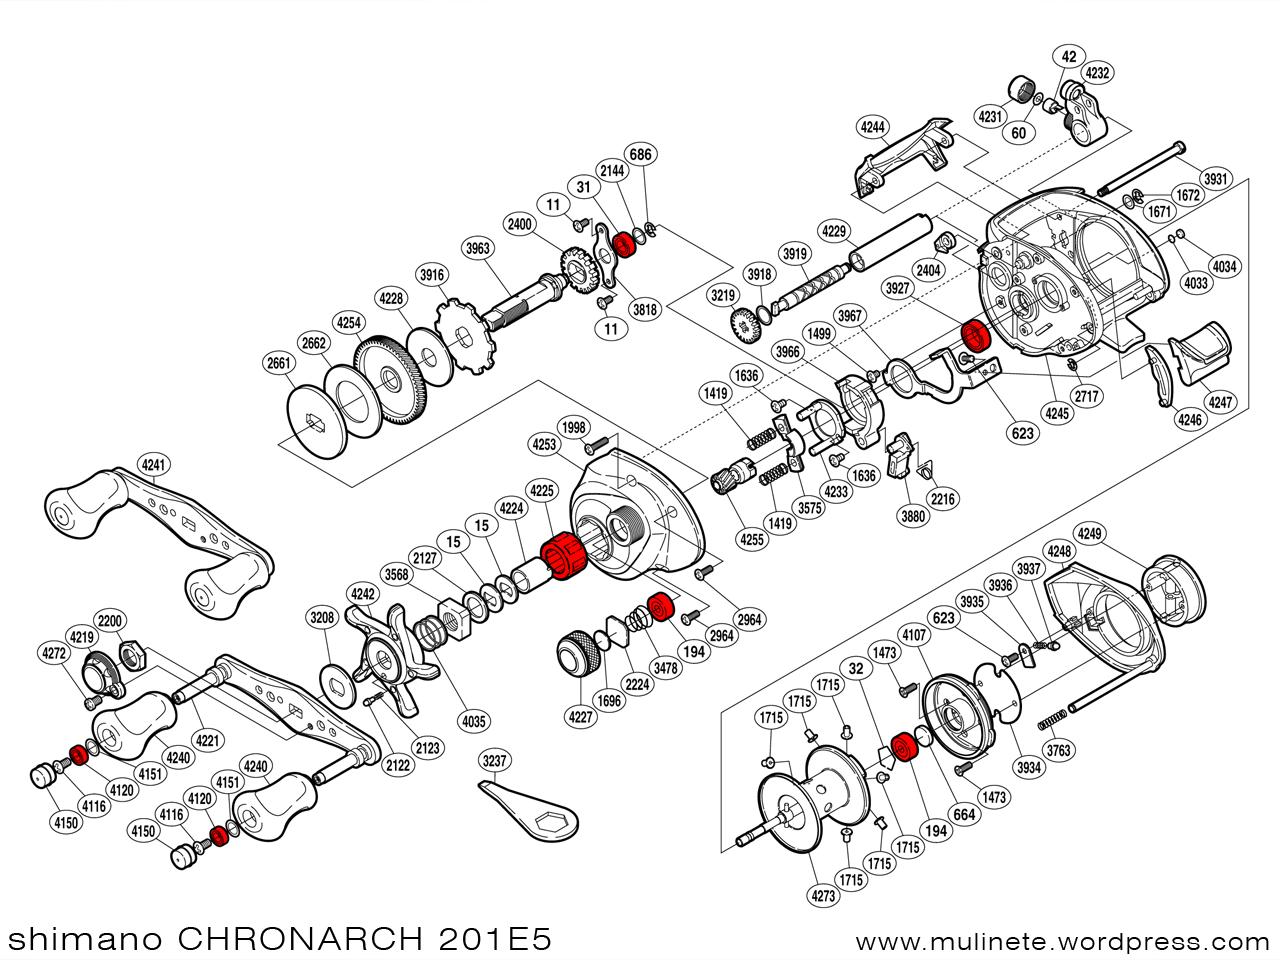 Spinning Reel Schematics